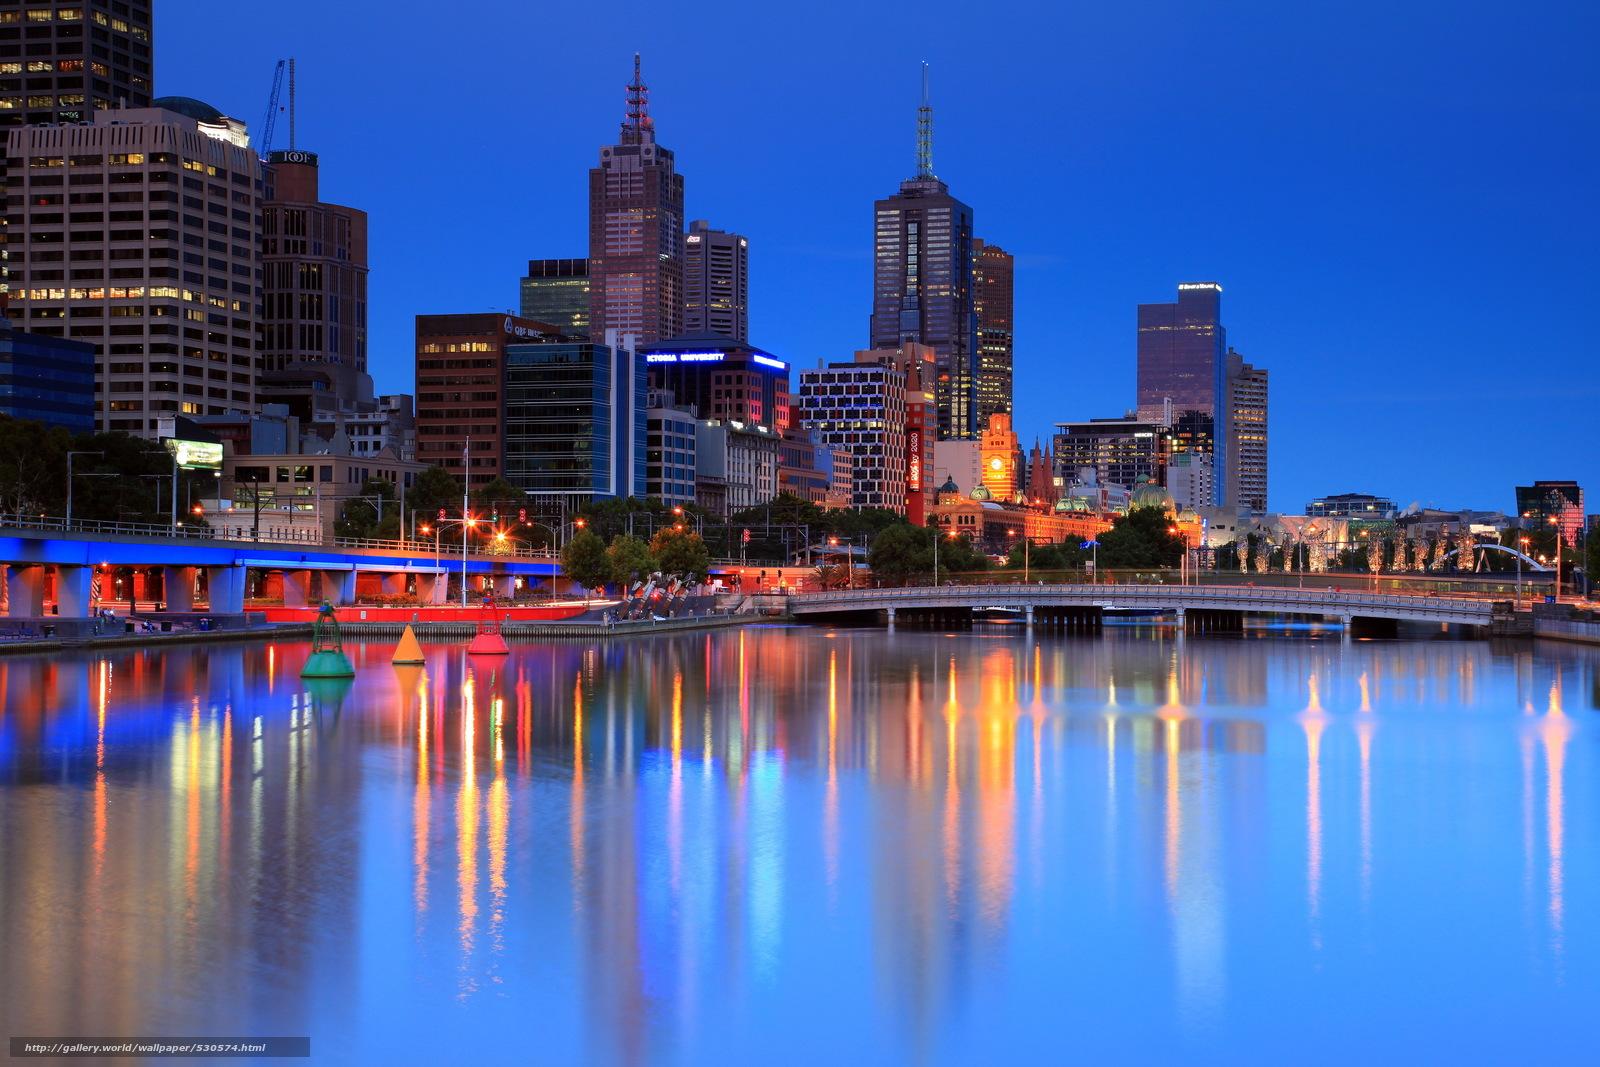 Tlcharger fond d 39 ecran ville australie melbourne soire - Maison entrepot melbourne en australie ...